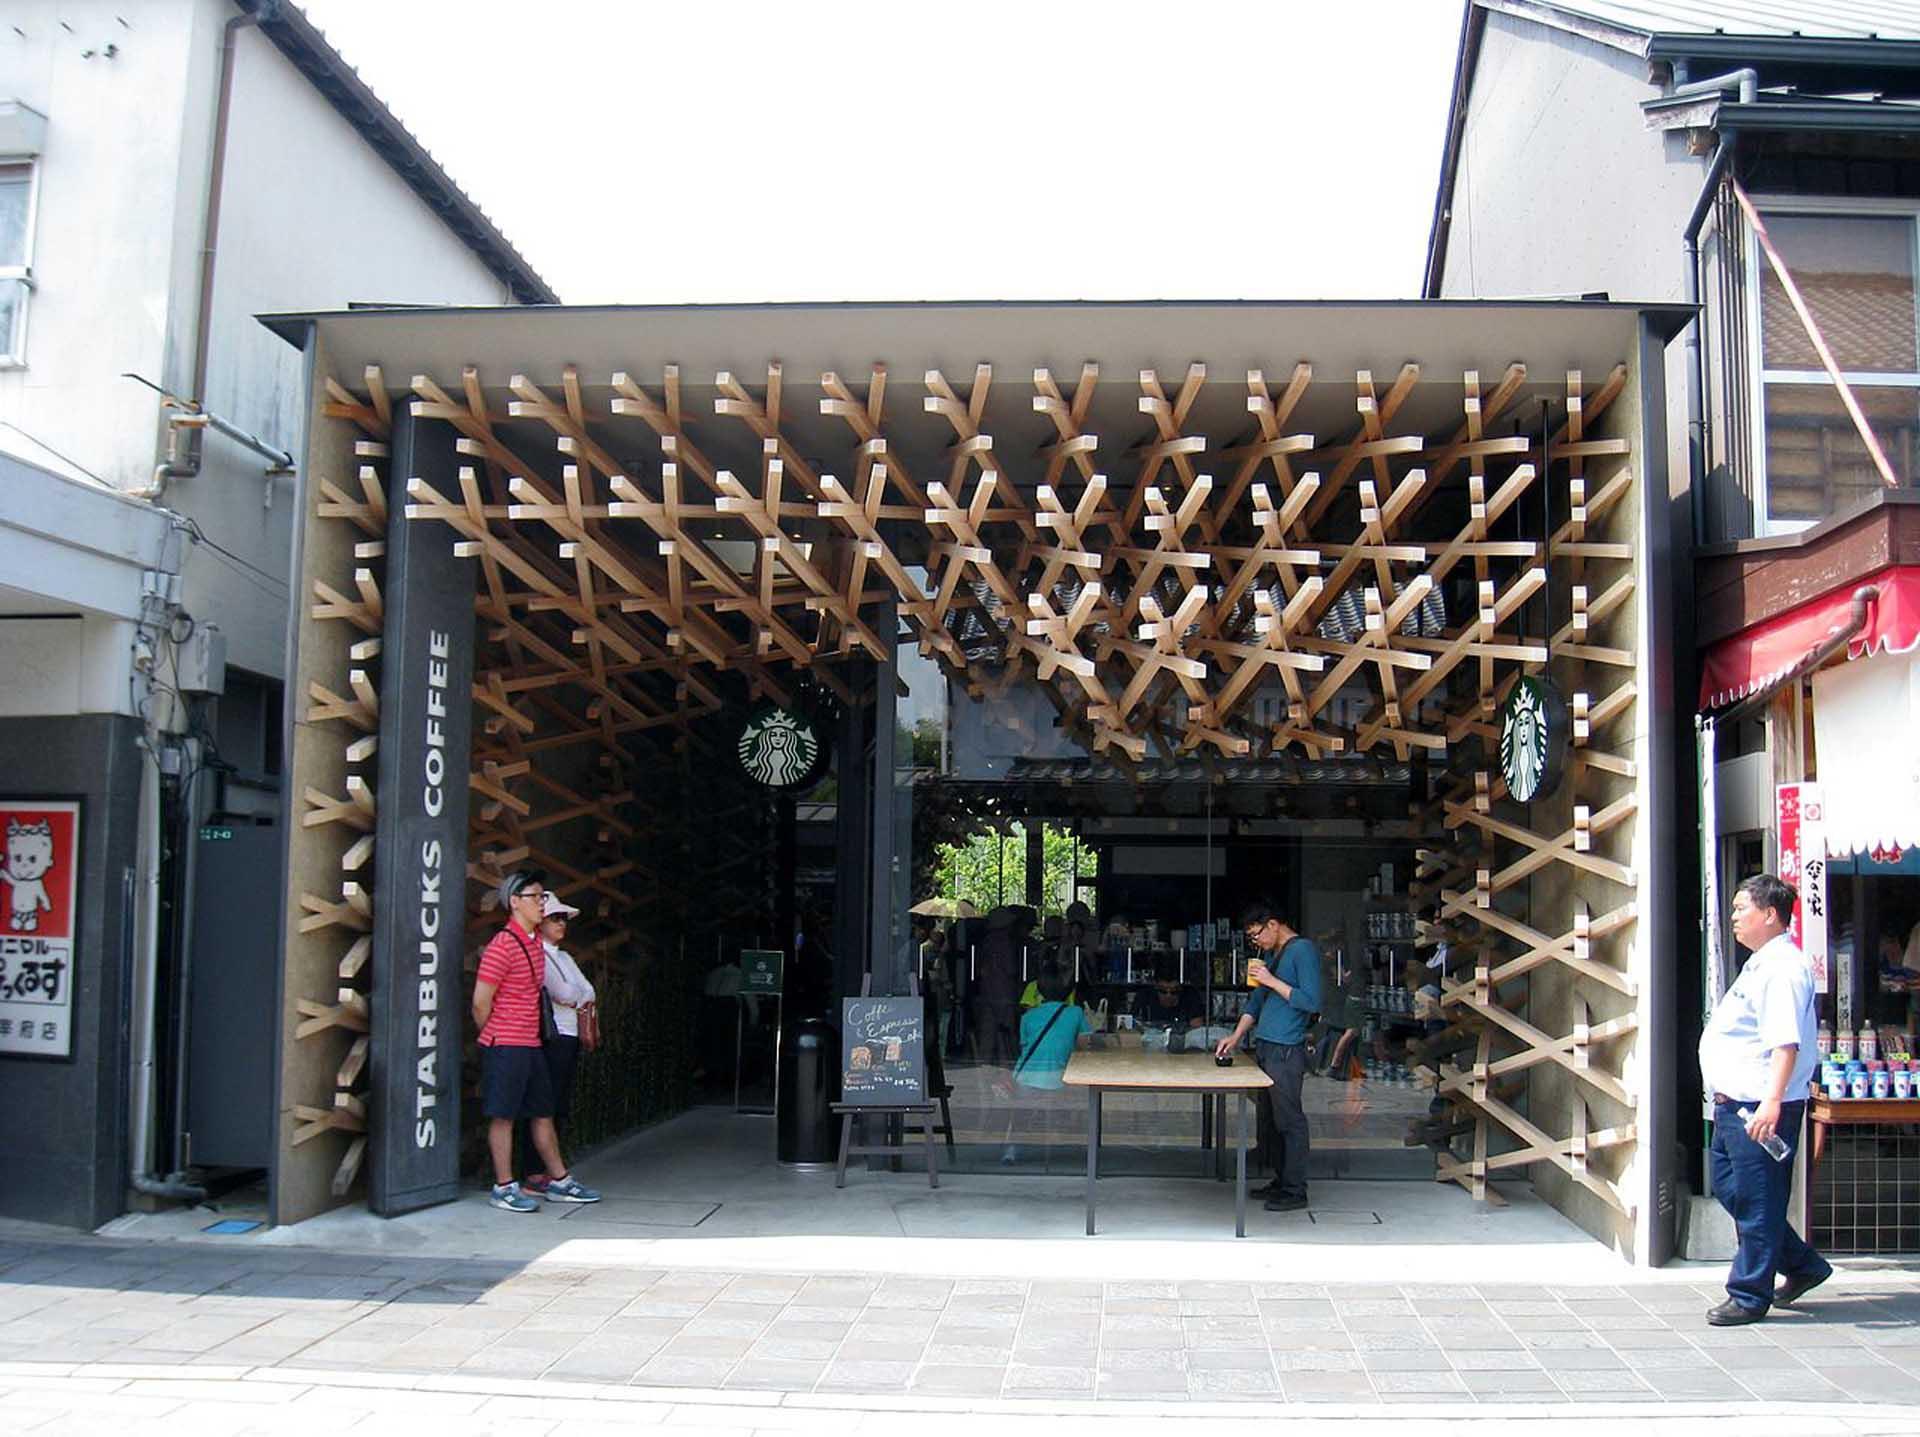 太宰府天滿宮星巴克咖啡店,內部木條結構如手作般溫暖堆疊。